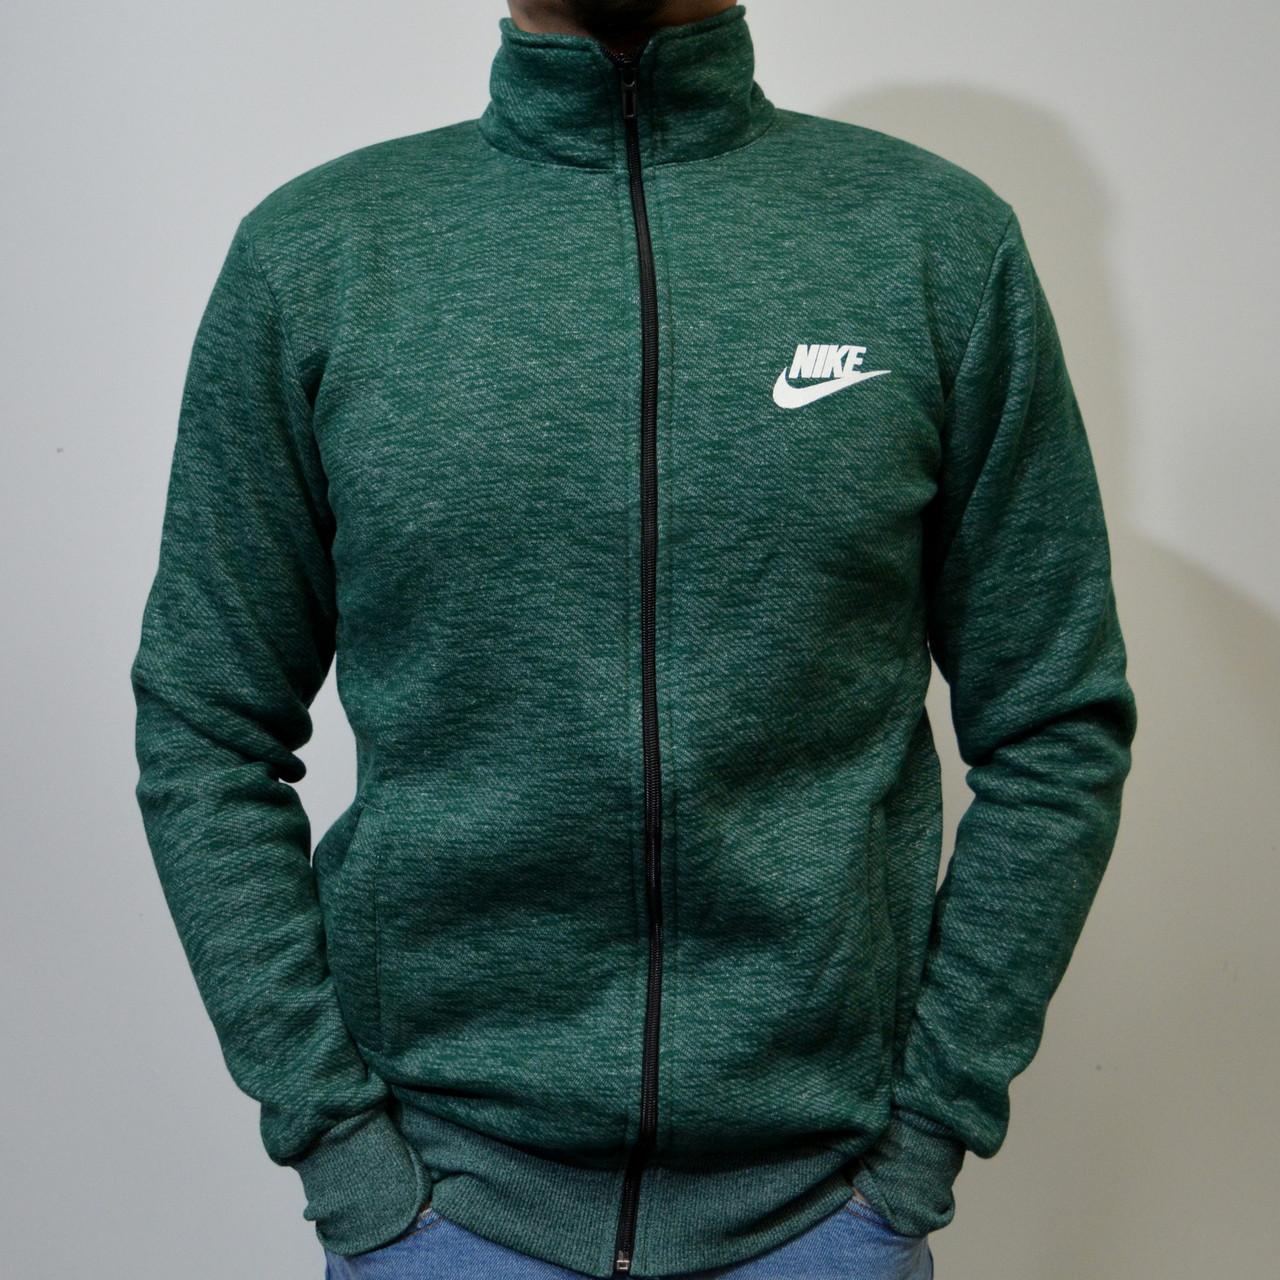 5ea401f0de7 Толстовка Nike (Найк)   Мужская кофта на молнии   трикотаж трехнитка -  темно-зеленая